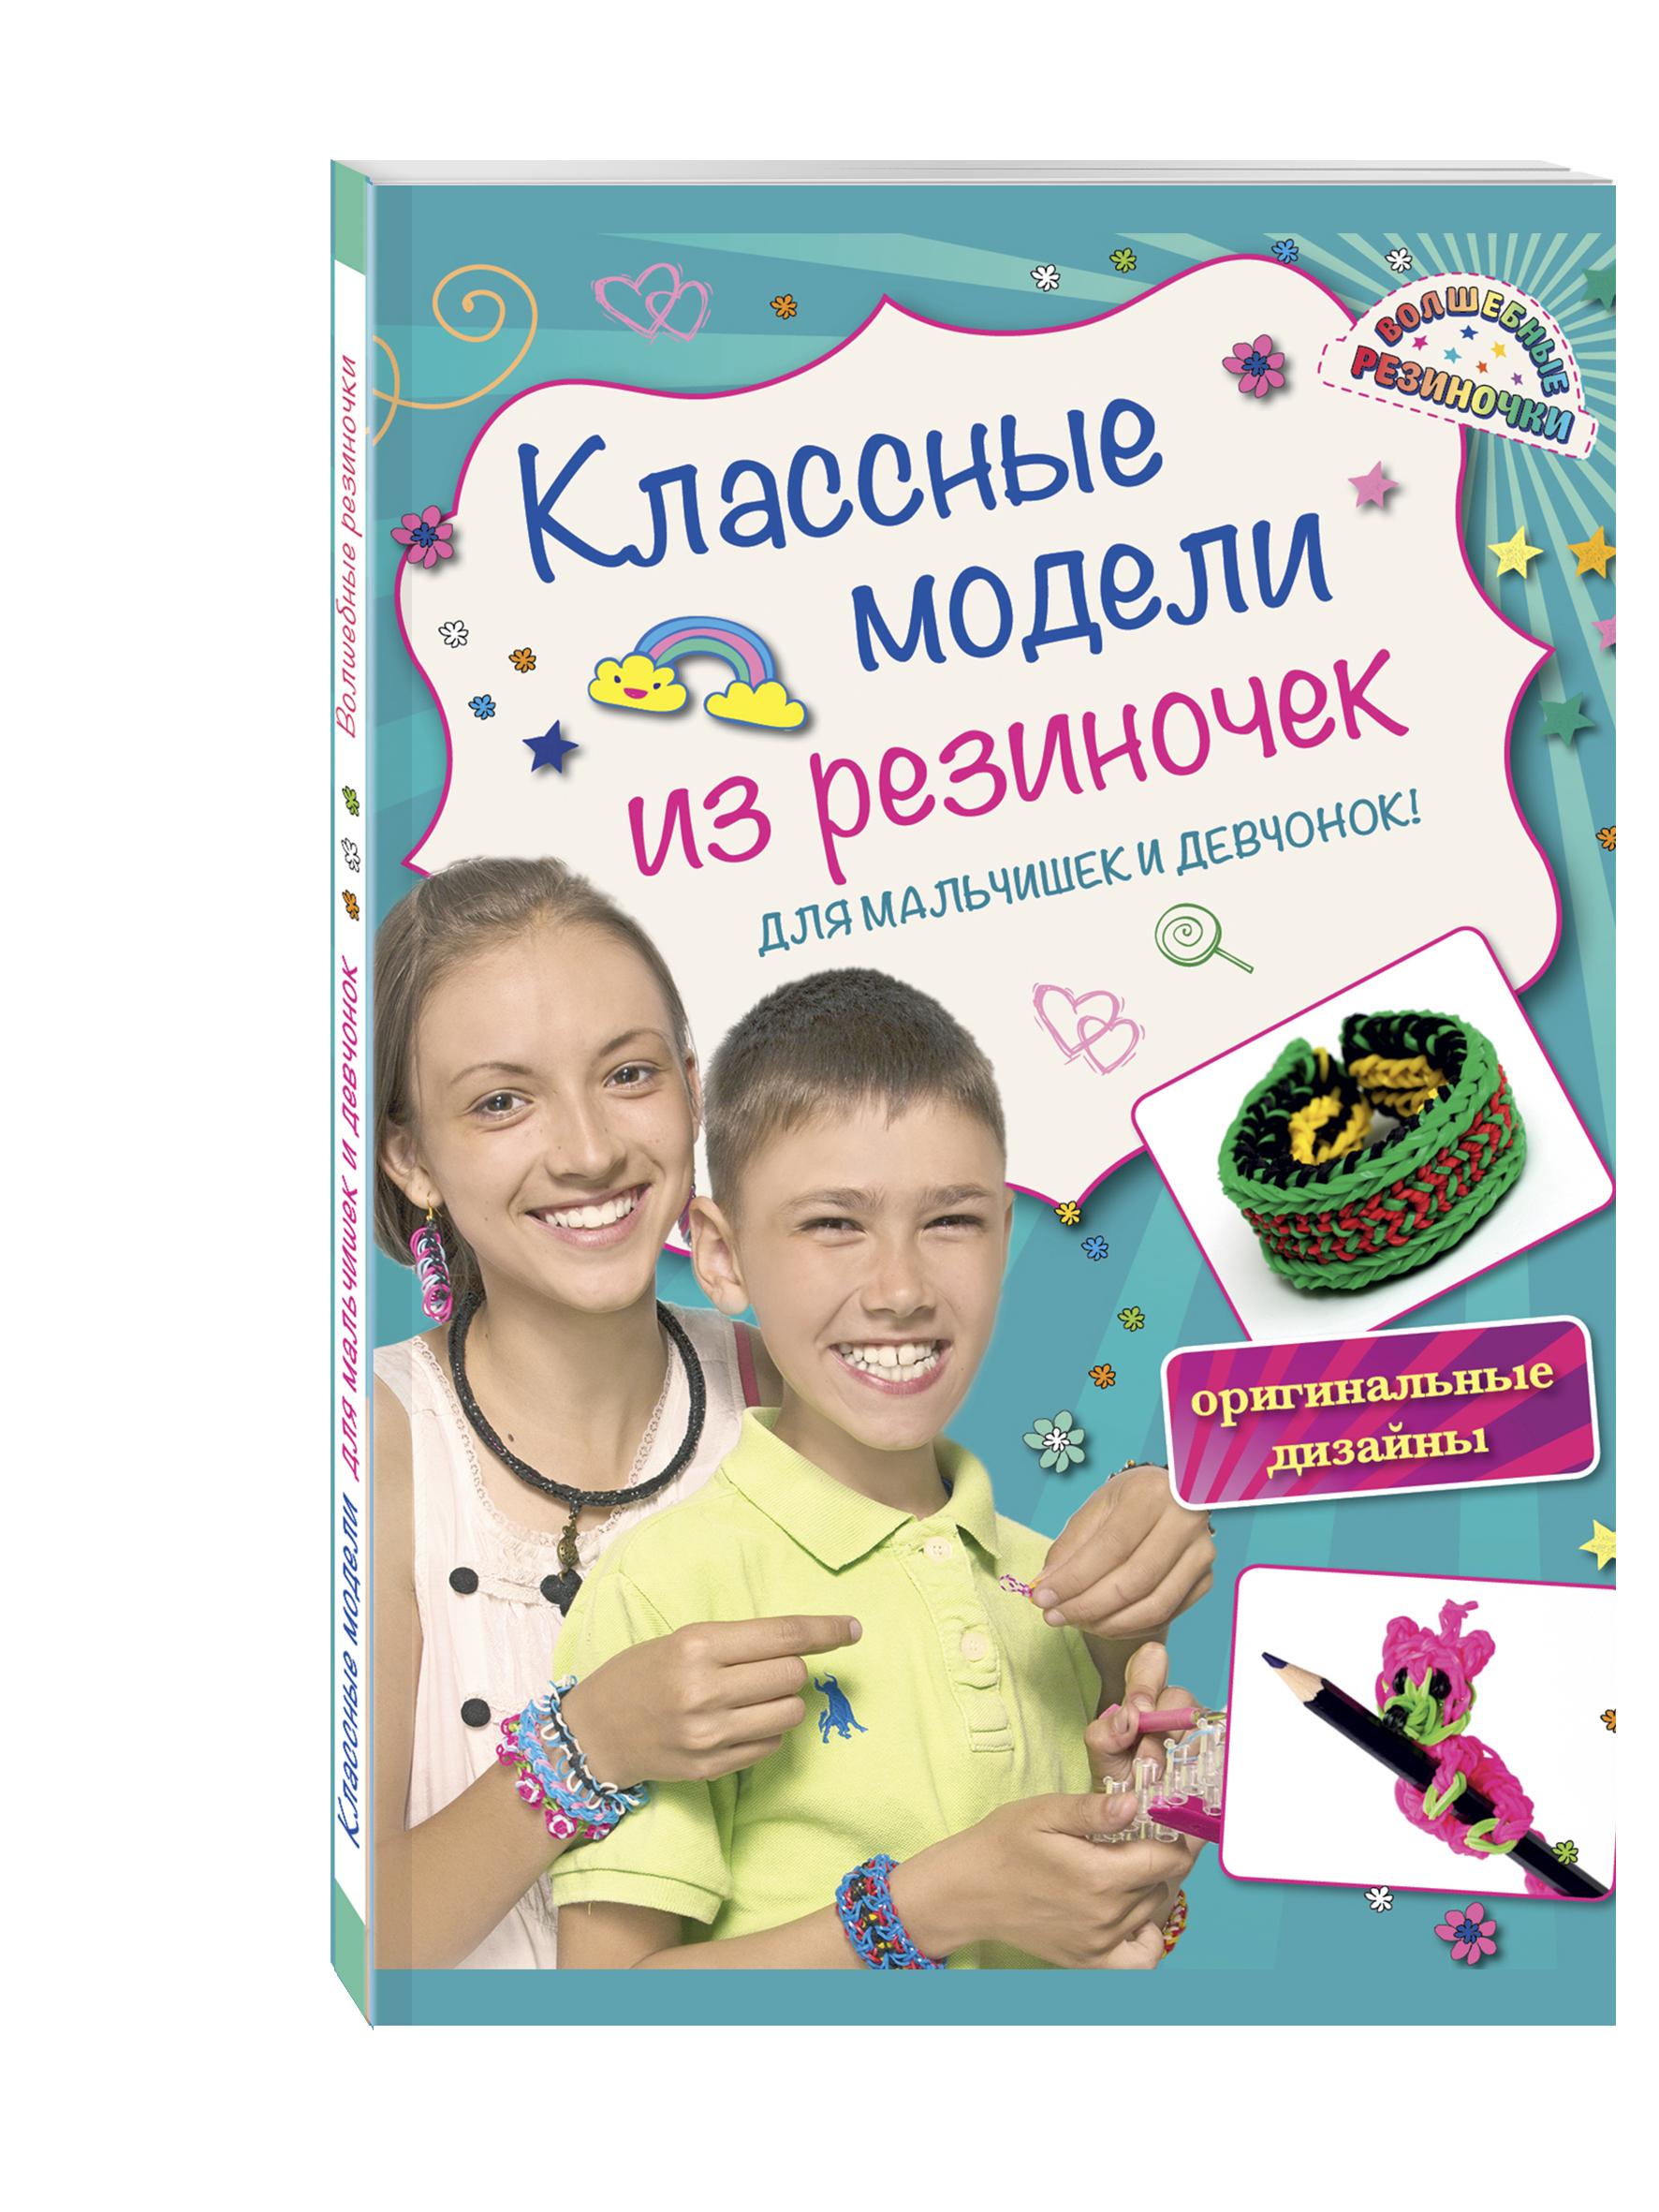 Для мальчишек и девчонок: волшебные резиночки ( Скуратович К.Р.  )